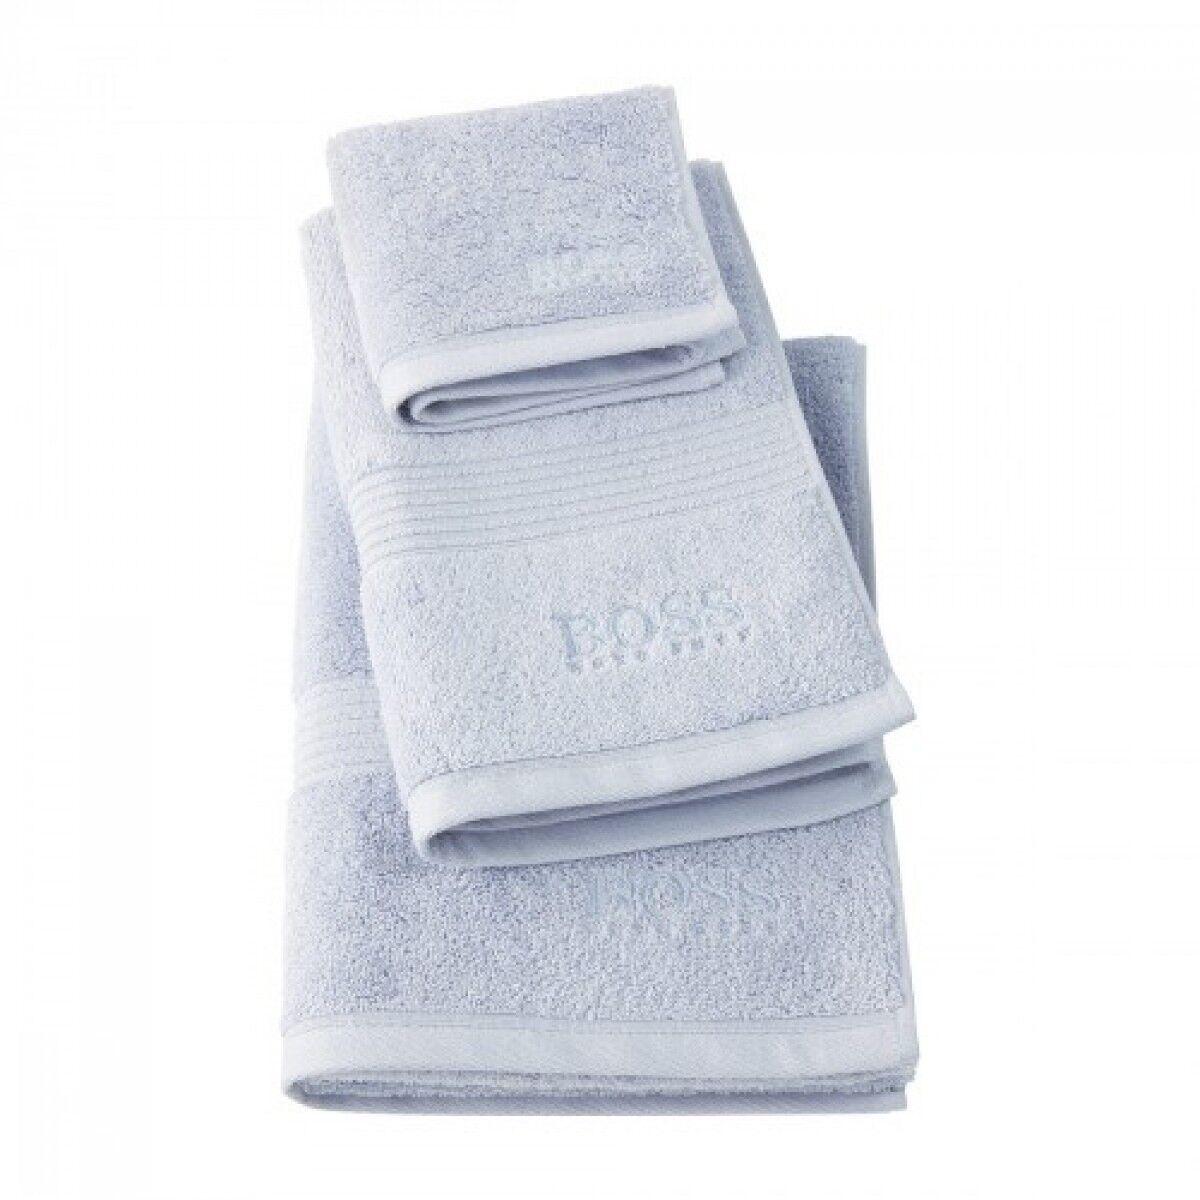 Hugo Boss Loft Loft Loft Bath Sheet, Cascade - Set of 2 00b0fd